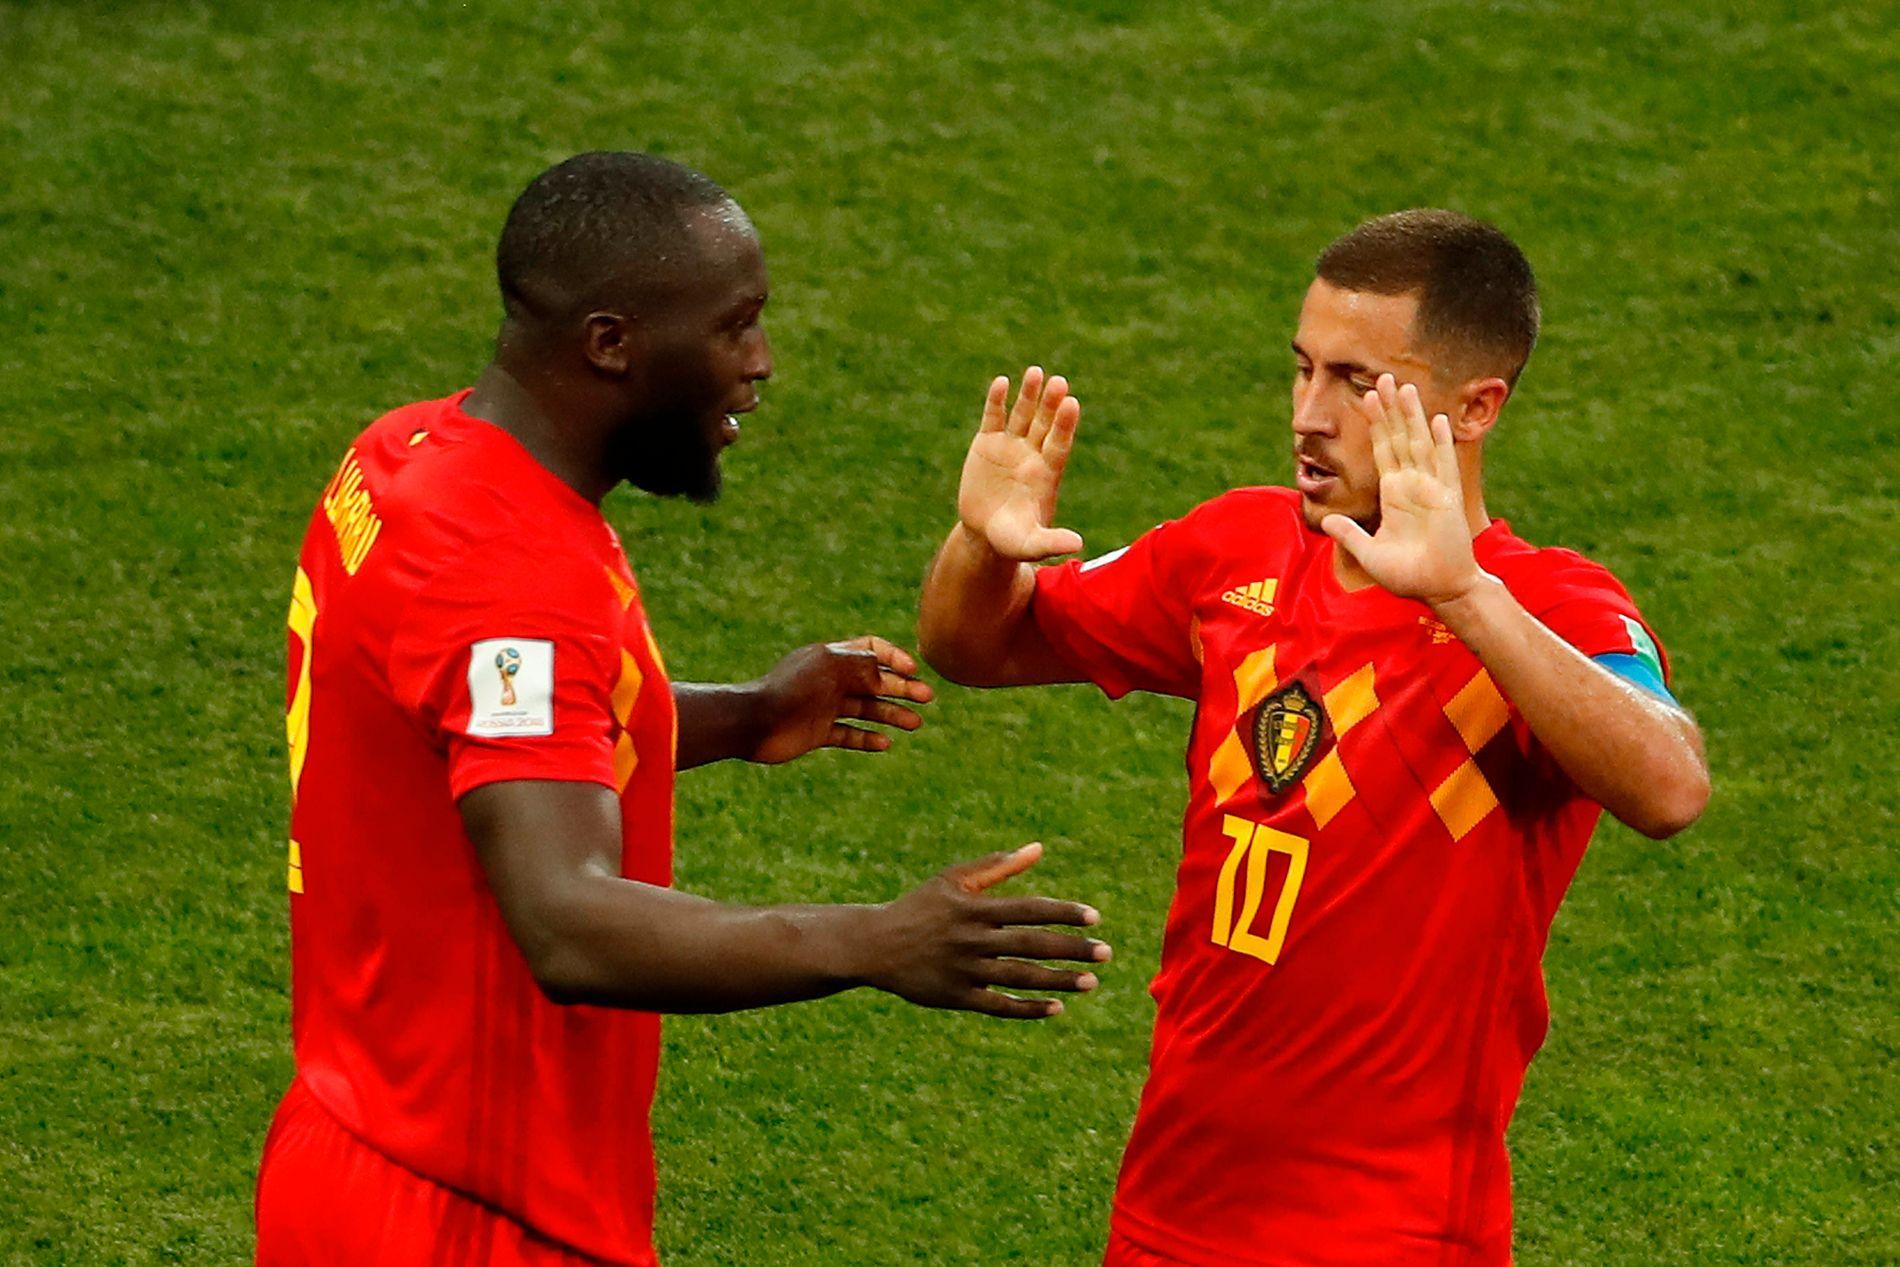 SENDTE STIKK: Eden Hazard (t.h.) mener Romelu Lukaku gjemte seg bort i store deler av kampen mot Panama.